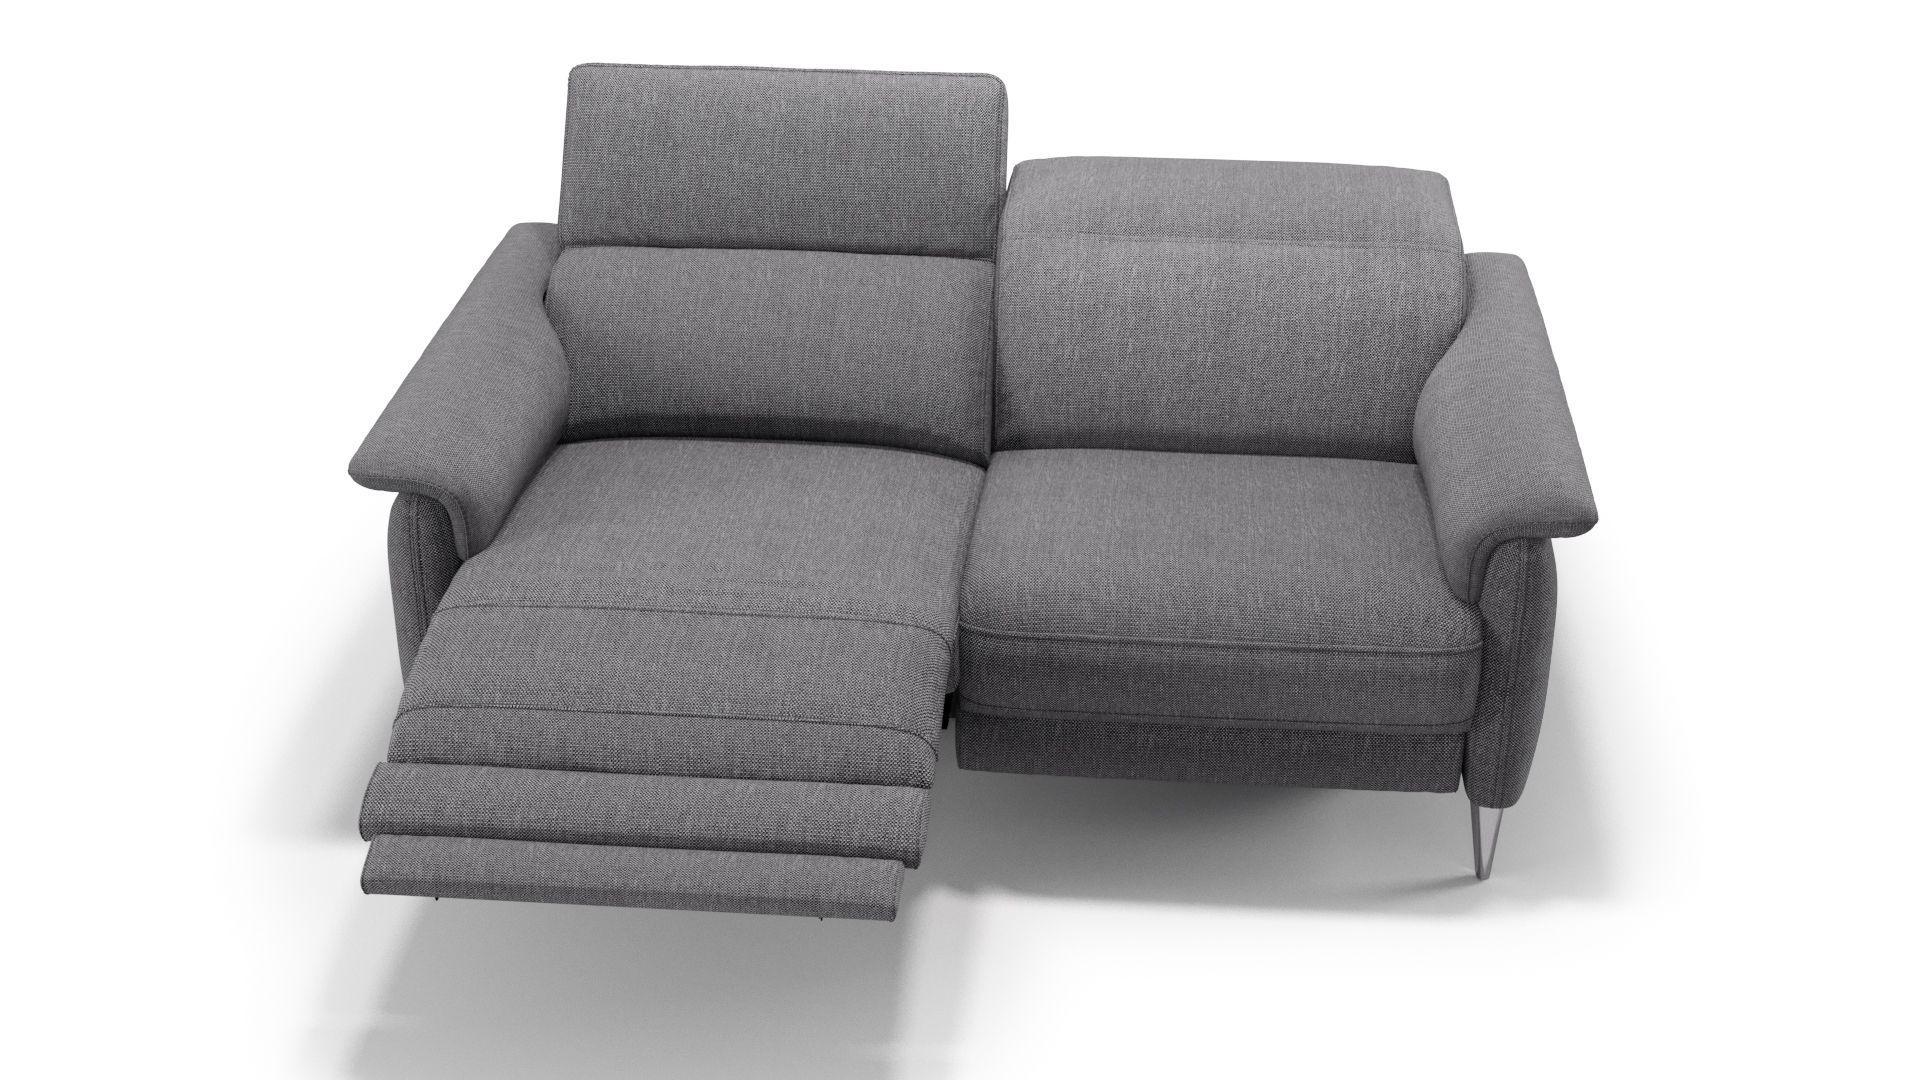 Full Size of Barletta Stoffsofa 2 Sitzer Design Couch Kaufen Sofanella Regal 25 Cm Tief Günstige Betten 140x200 Sofa Günstig Landhaus Paletten Bett Big Weiß Ohne Sofa 2 Sitzer Sofa